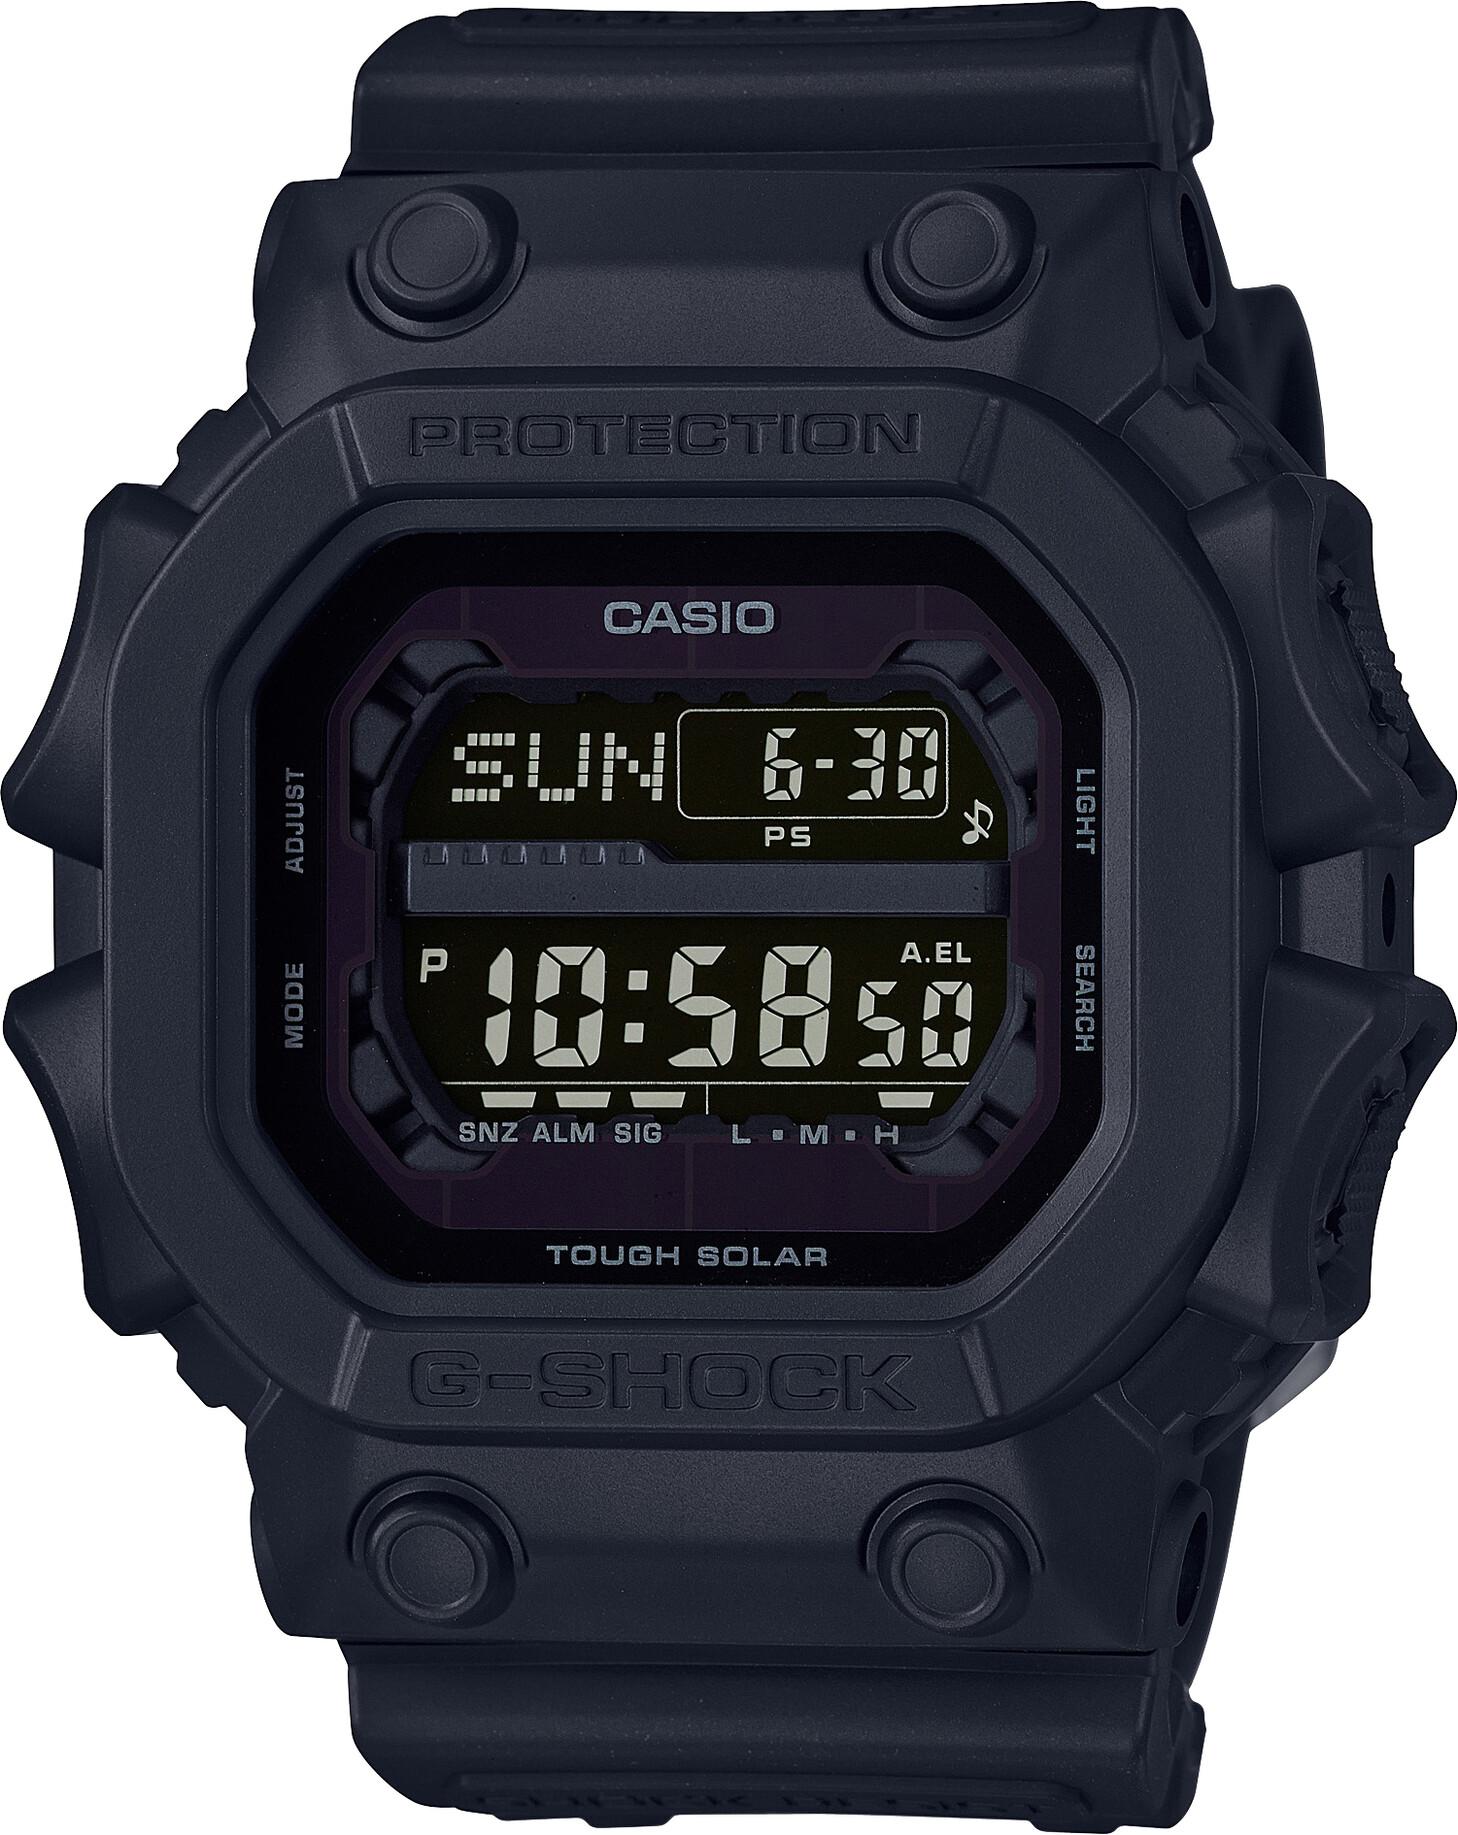 CASIO G-SHOCK GX-56BB-1ER Ur Herrer, black (2019)   Sports watches